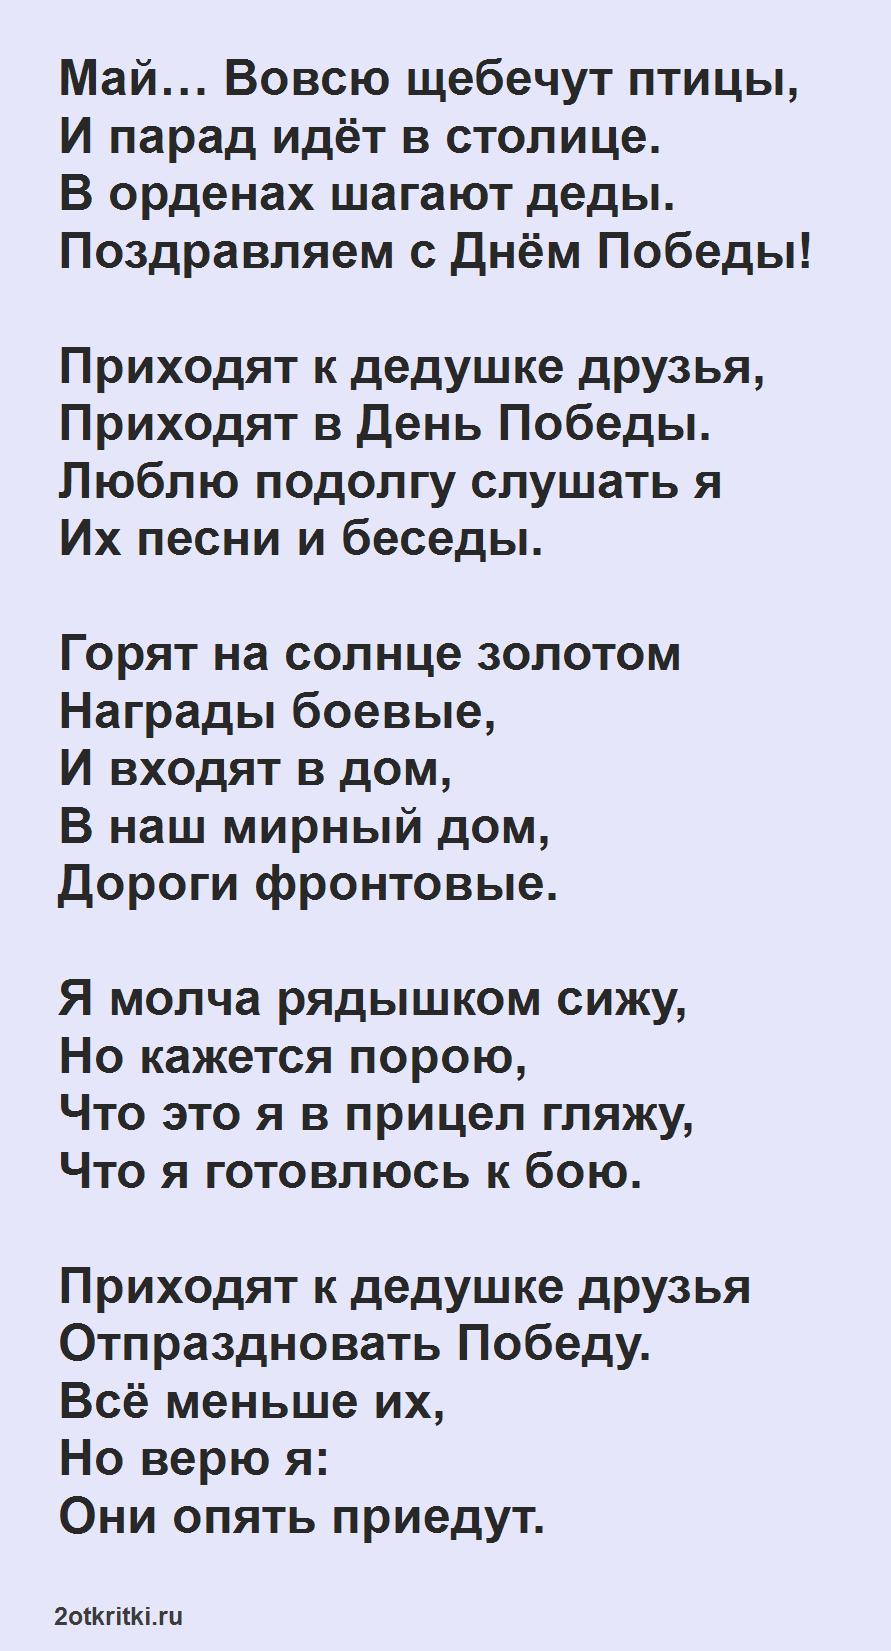 Стихотворение на 9 мая трогательное до слез - Дедушкины друзья